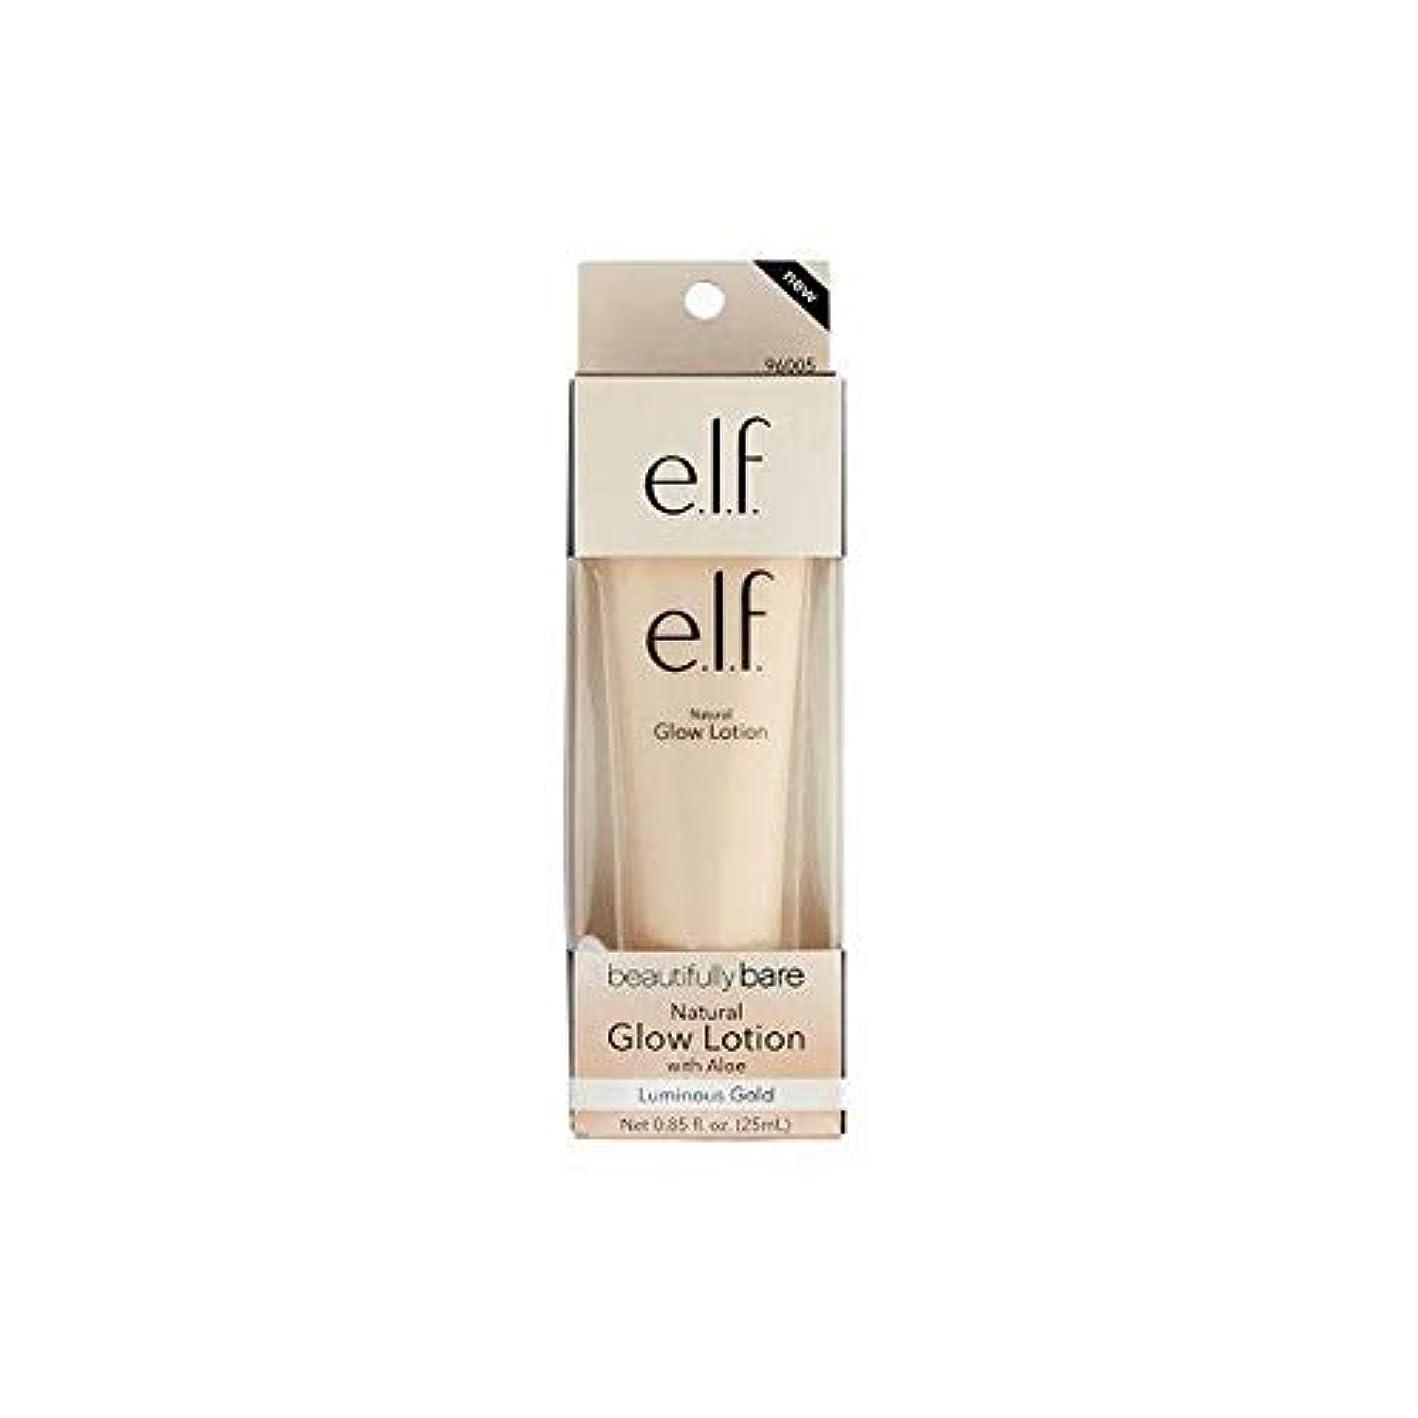 すみません要塞すき[Elf ] エルフ。美しく裸自然グローローション金 - e.l.f. Beautifully Bare Natural Glow Lotion gold [並行輸入品]